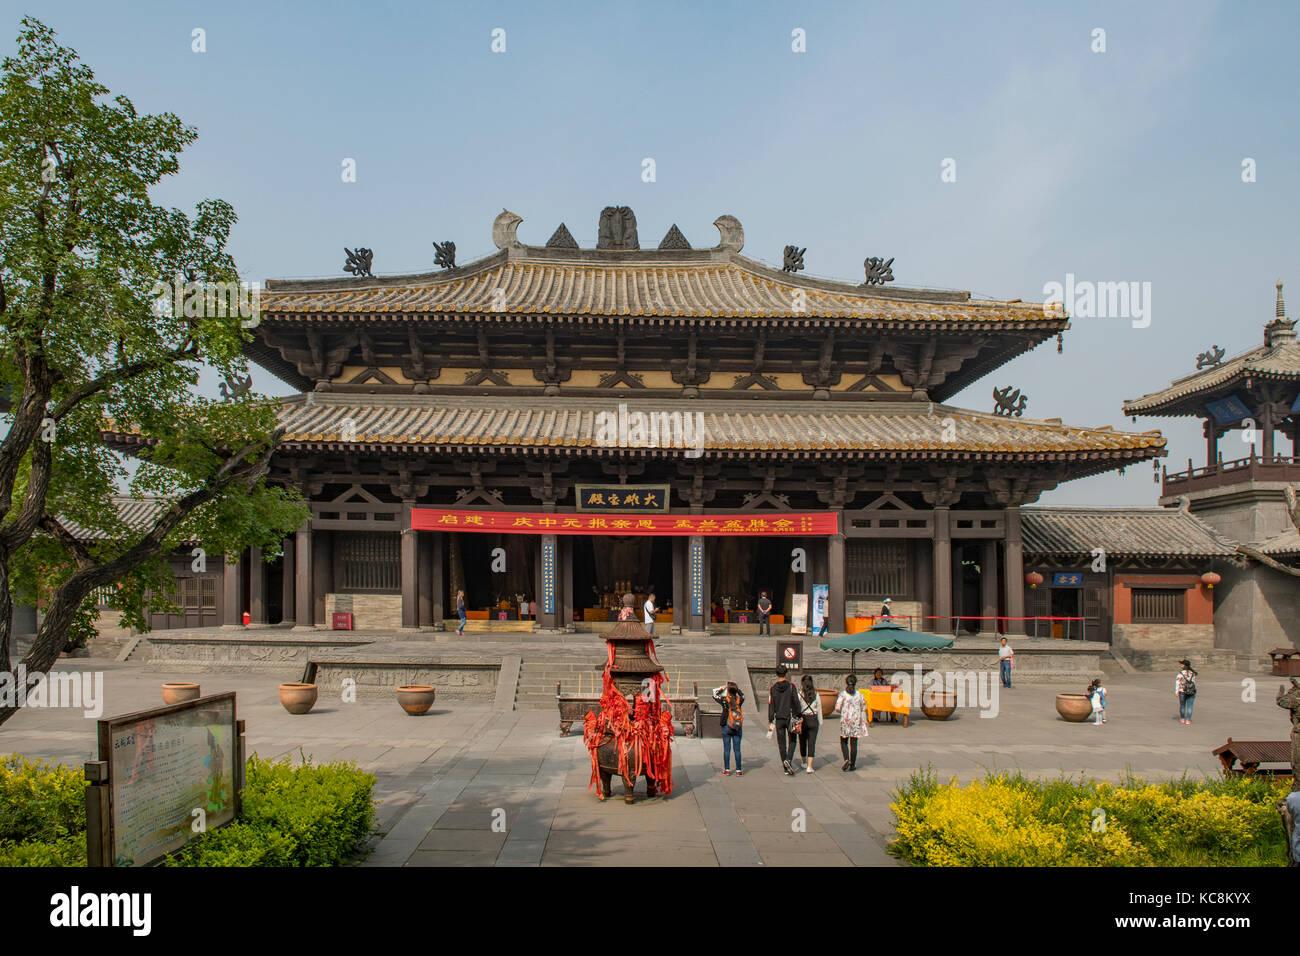 Lingyan Temple, Yungang Grottoes, Shanxi, China - Stock Image